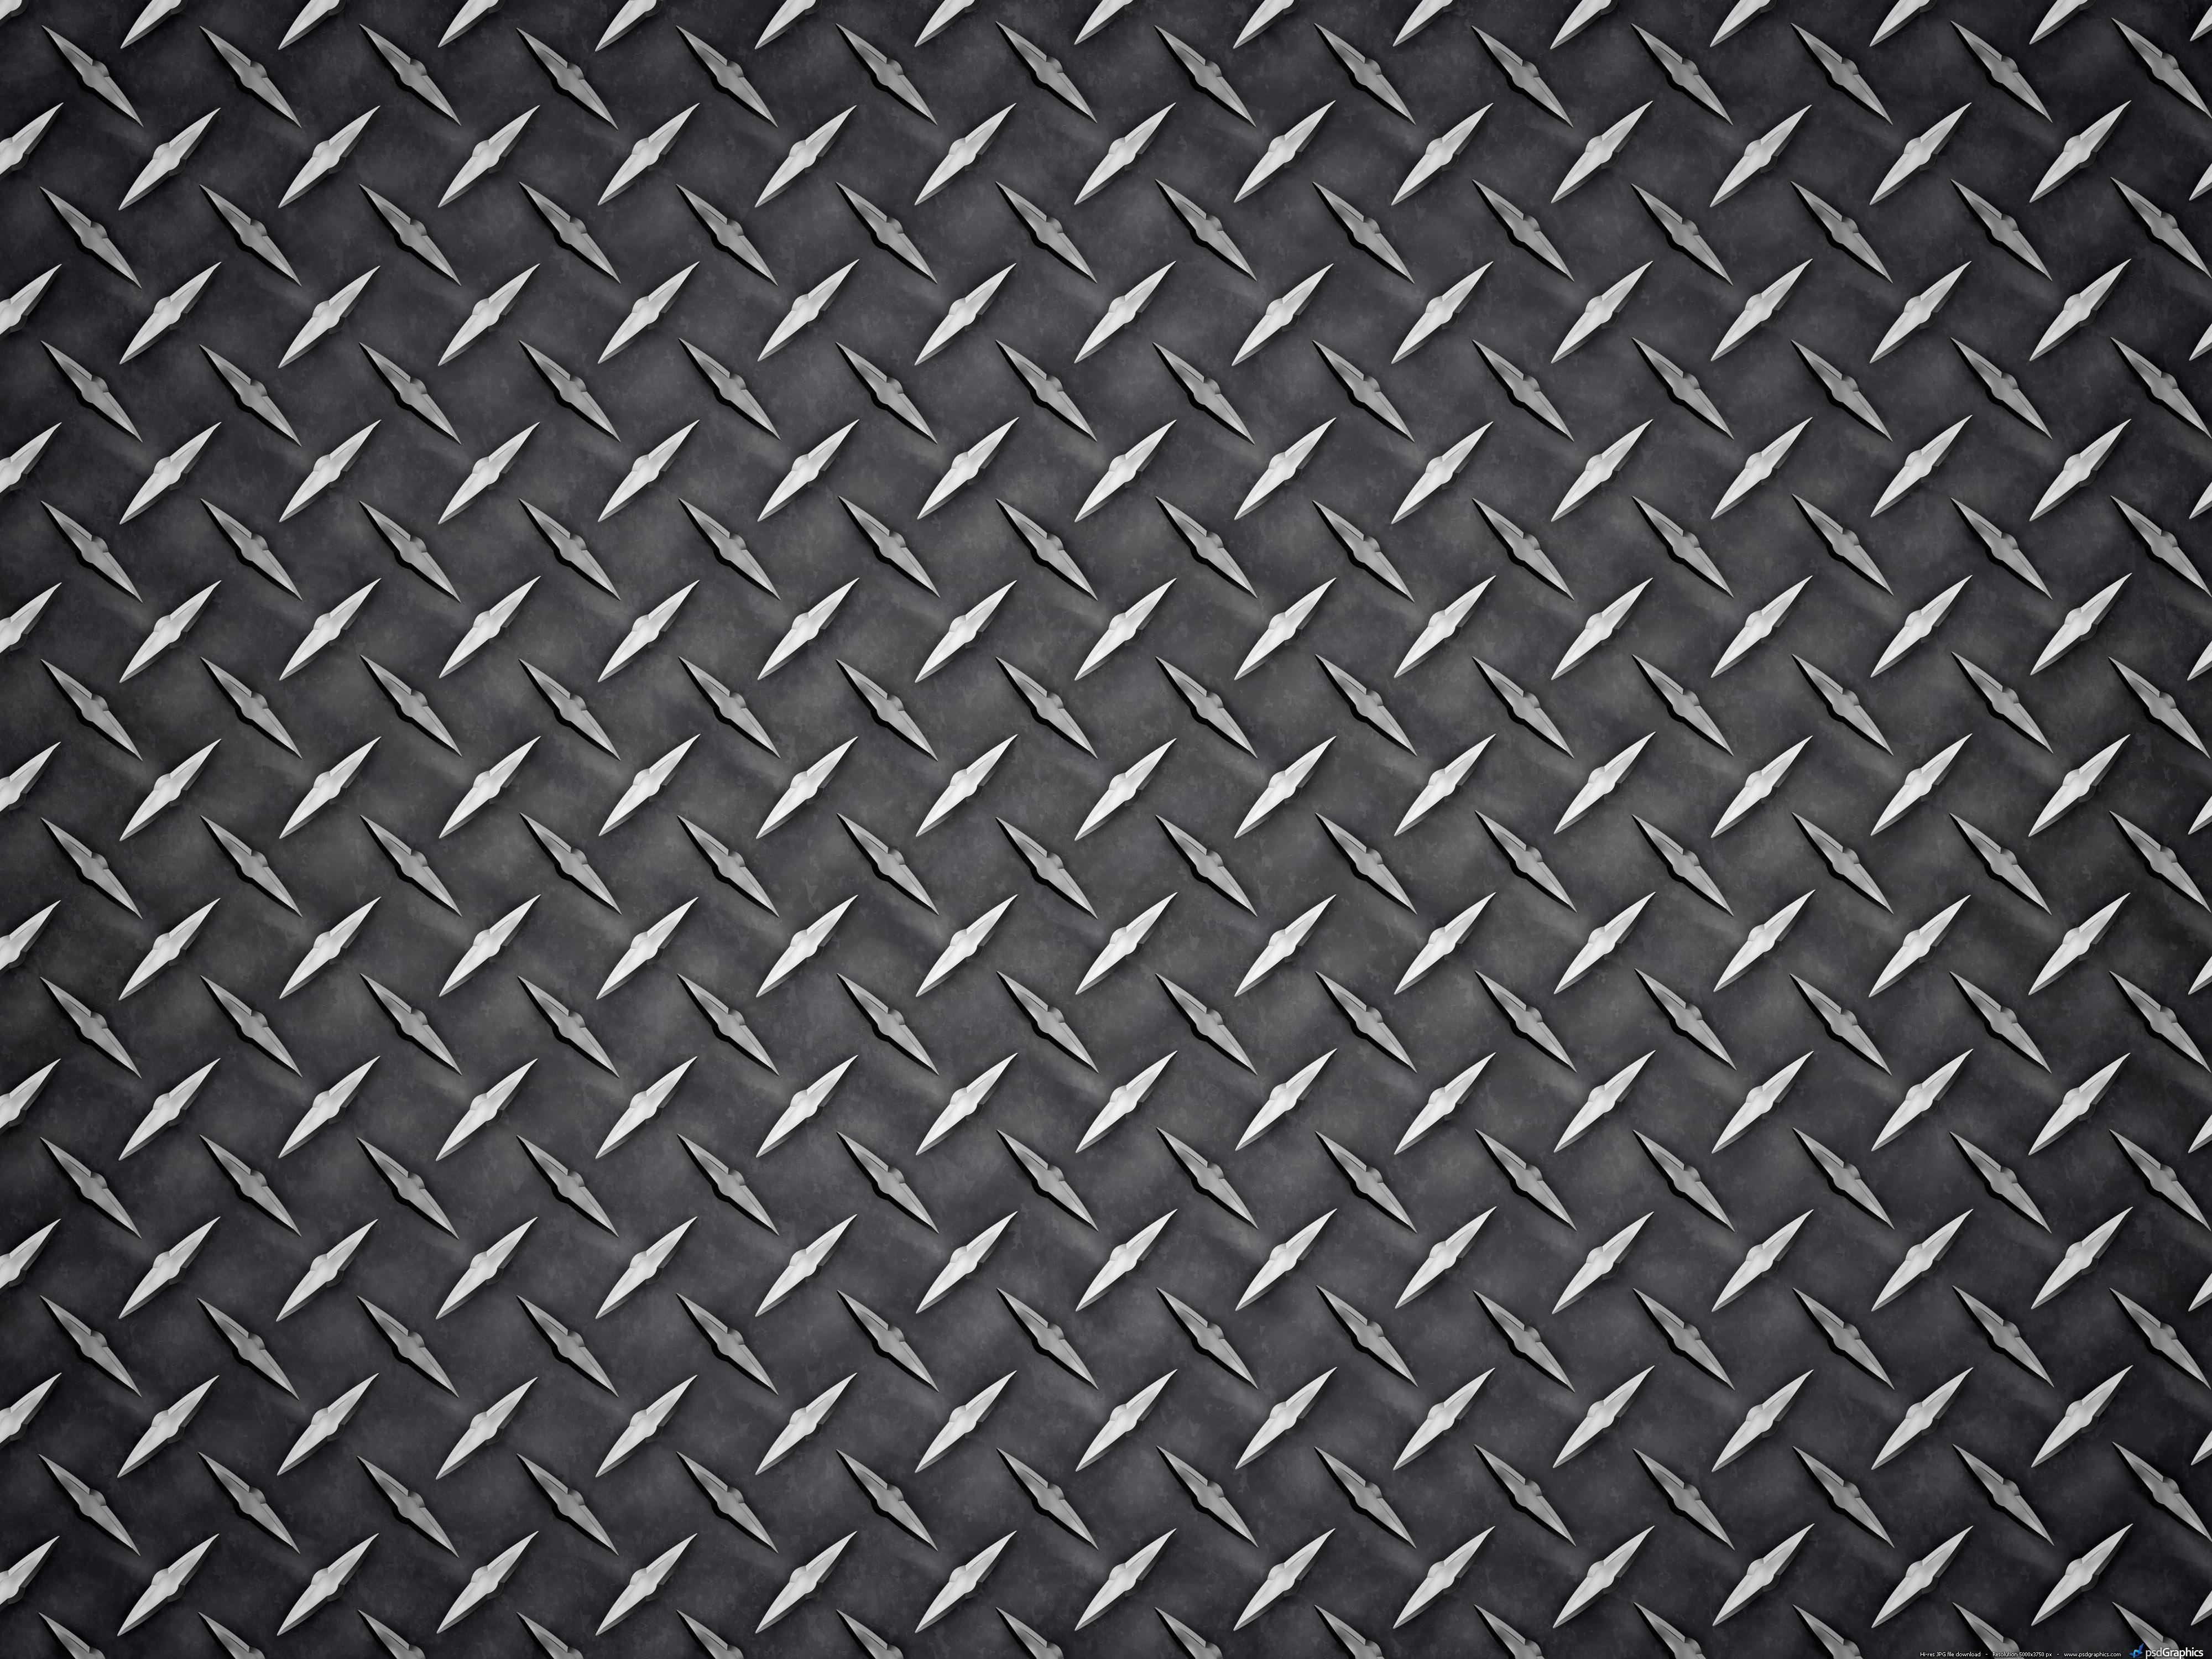 SteelTreadplate